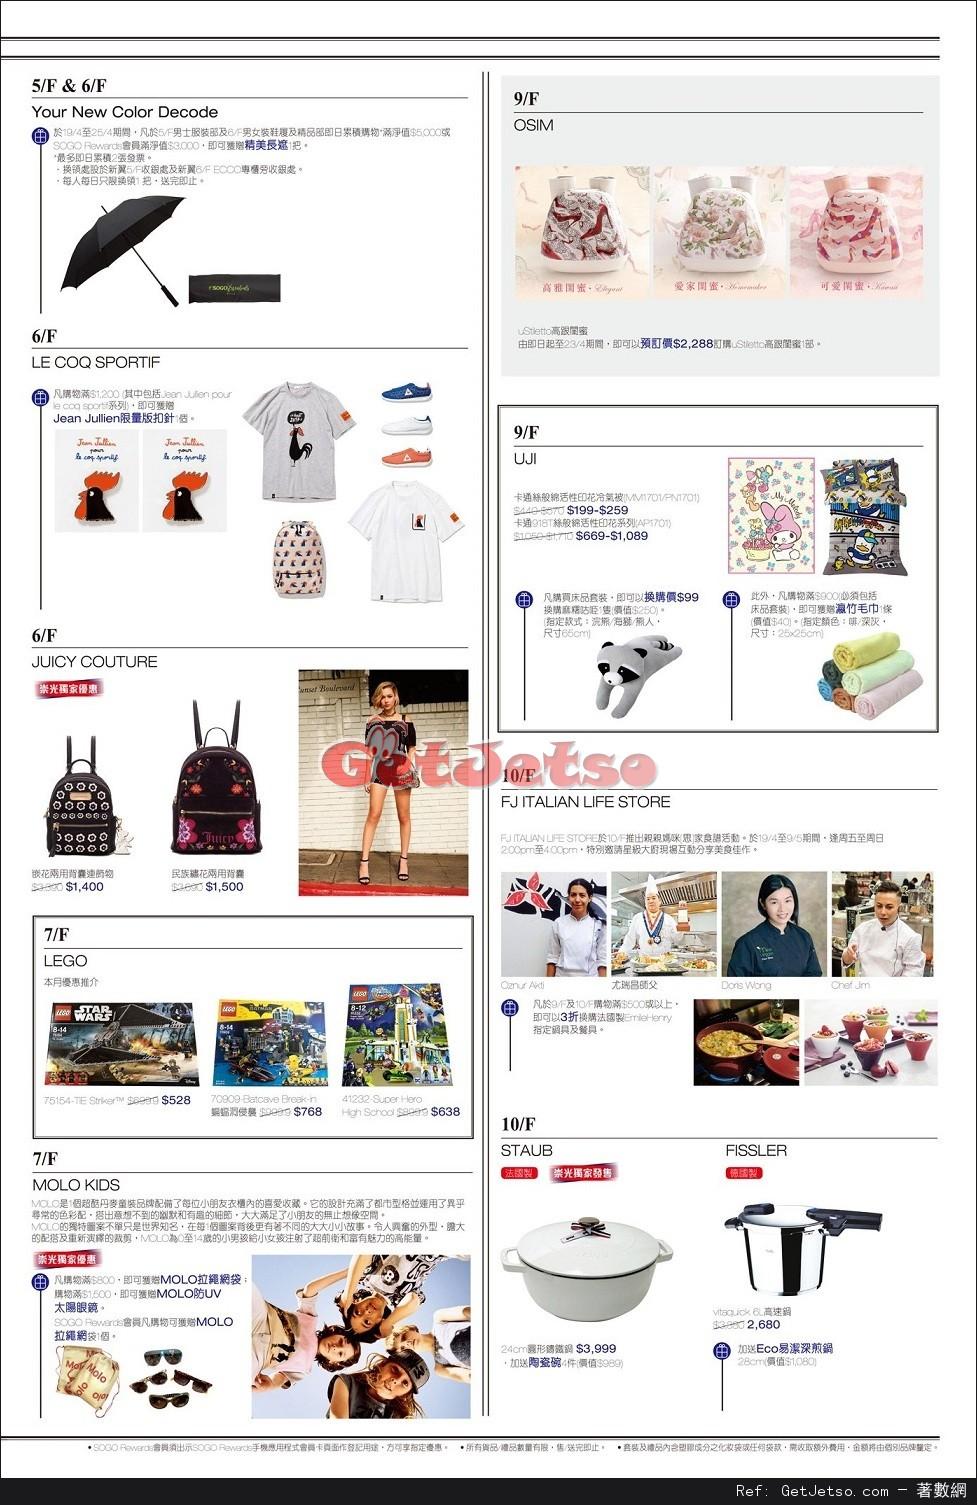 銅鑼灣崇光百貨最新店內購物優惠(至17年4月25日)圖片3